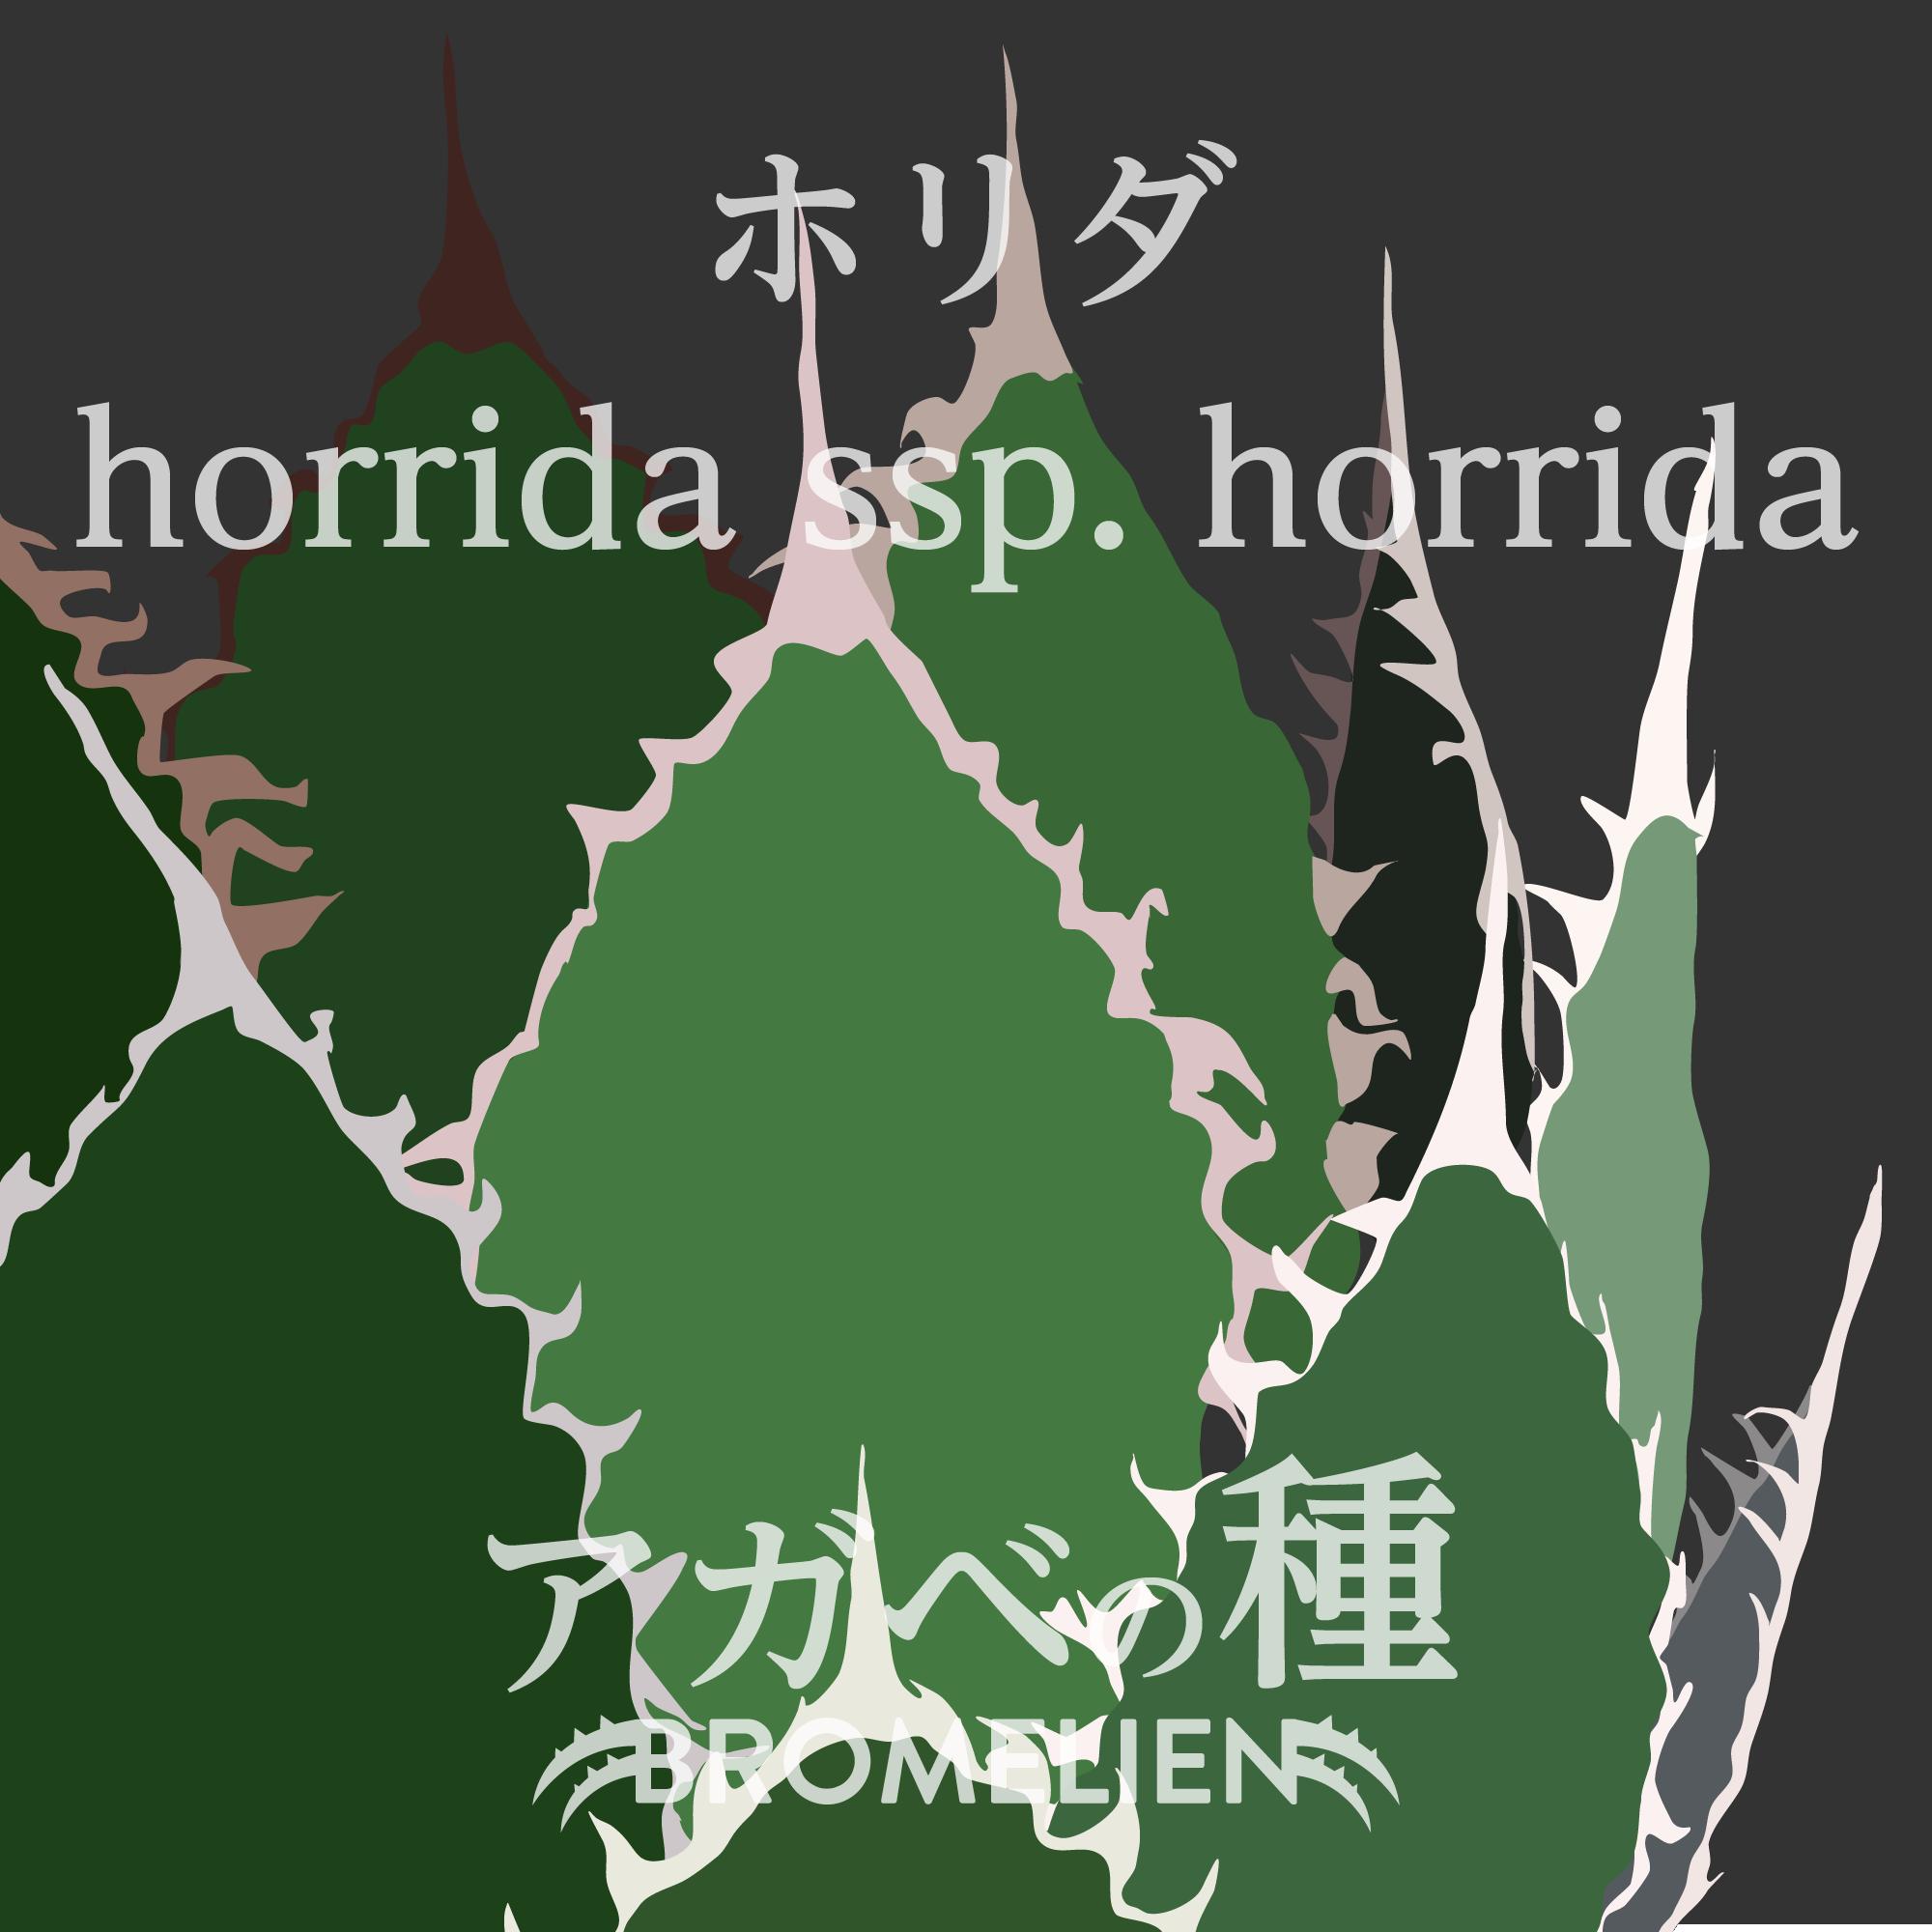 アガベ種子 ホリダ horrida subsp. horrida 20個